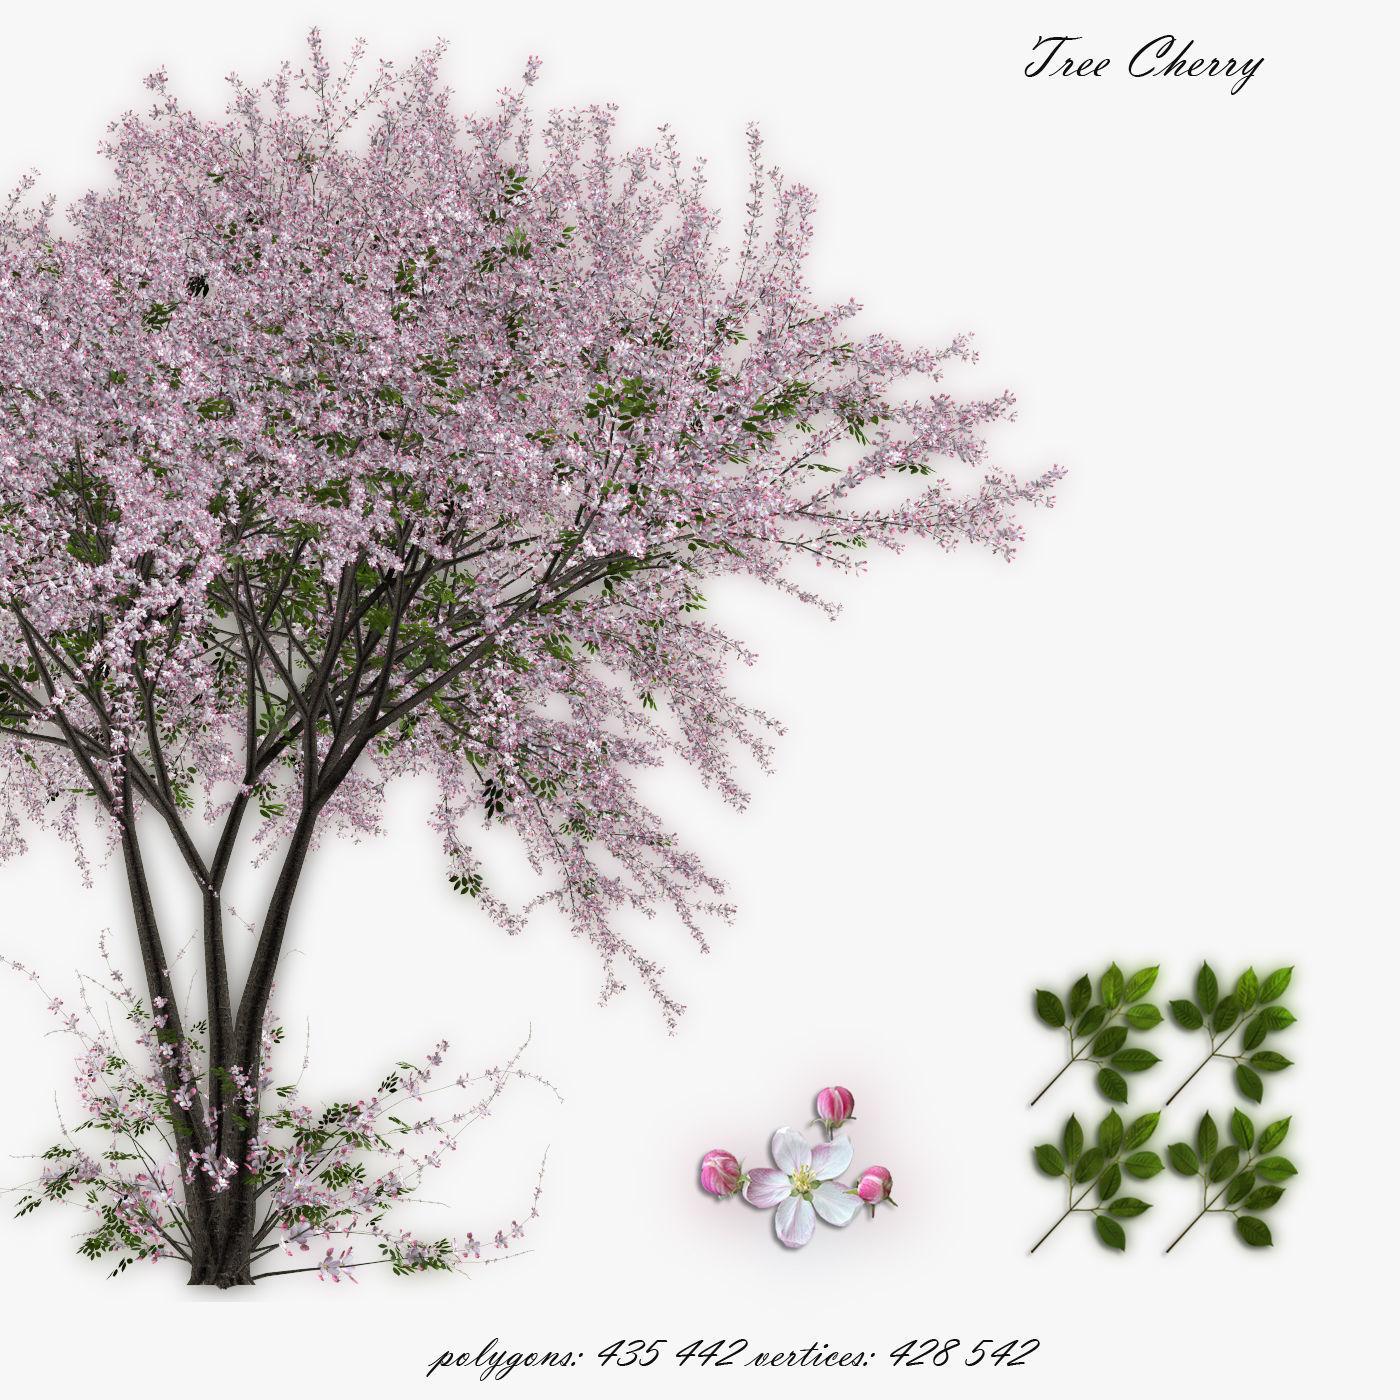 Tree Cherry 02